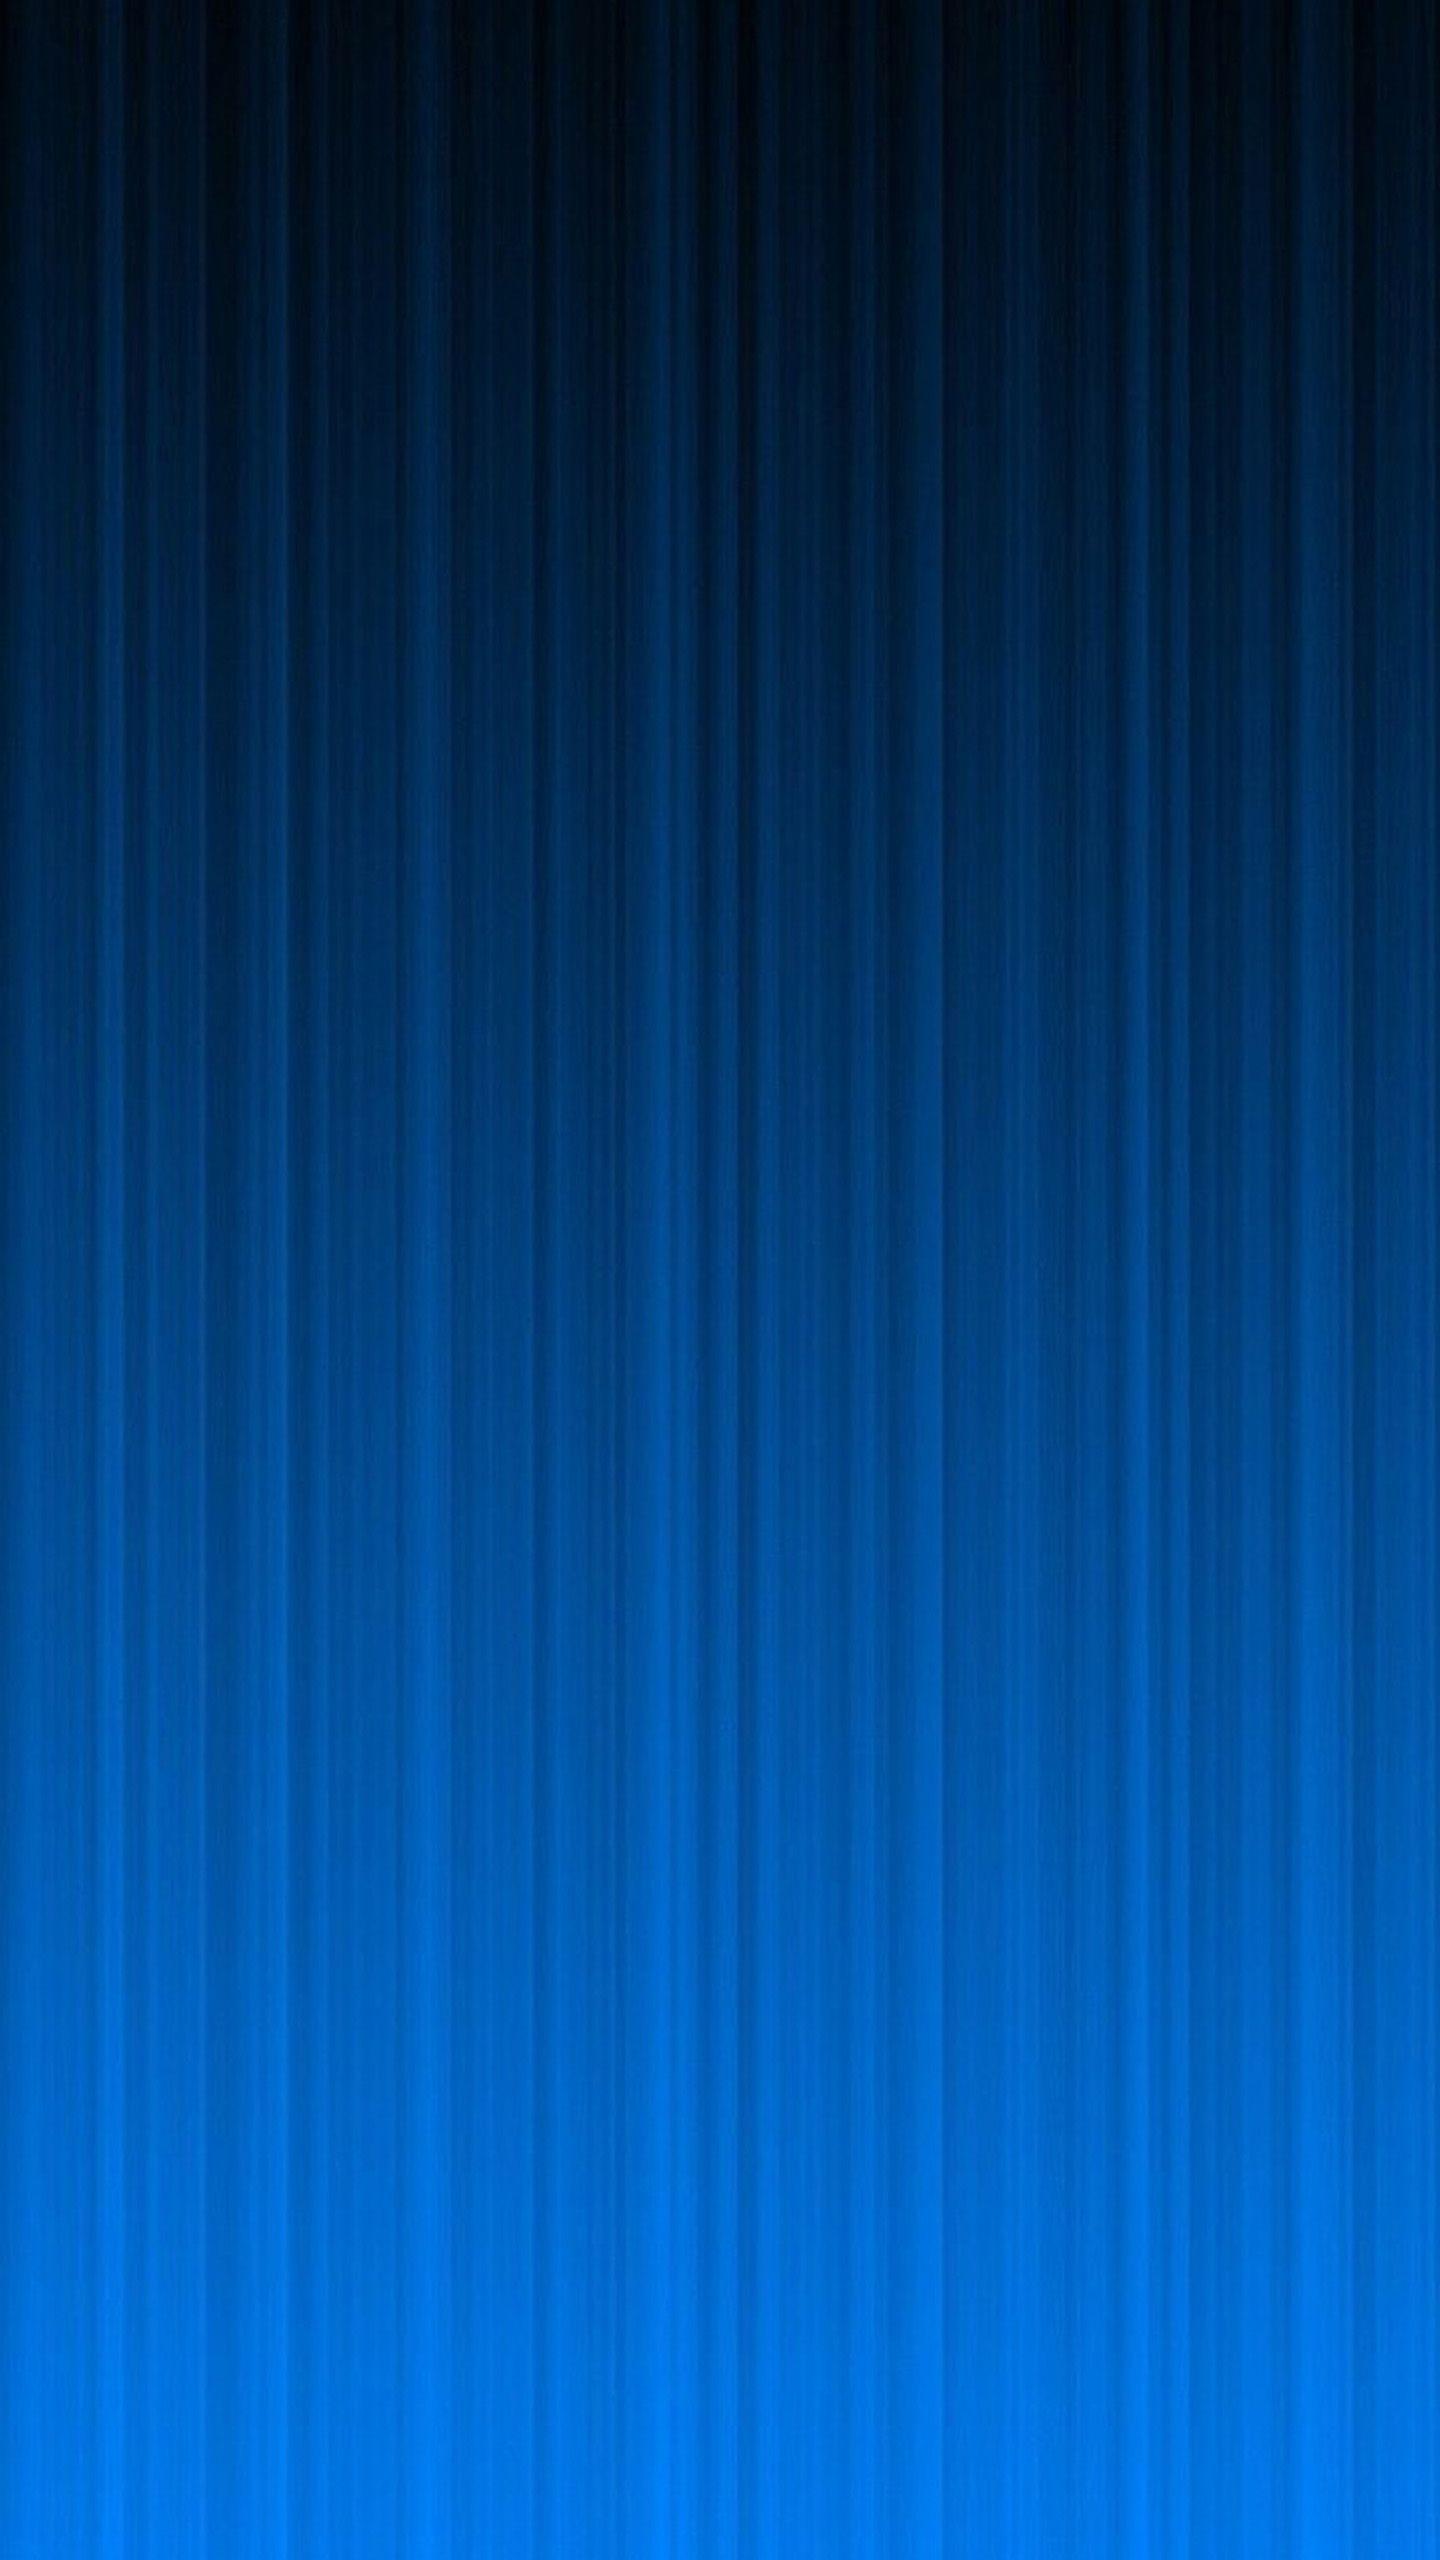 Blue Streaks Galaxy Note 4 Wallpapers